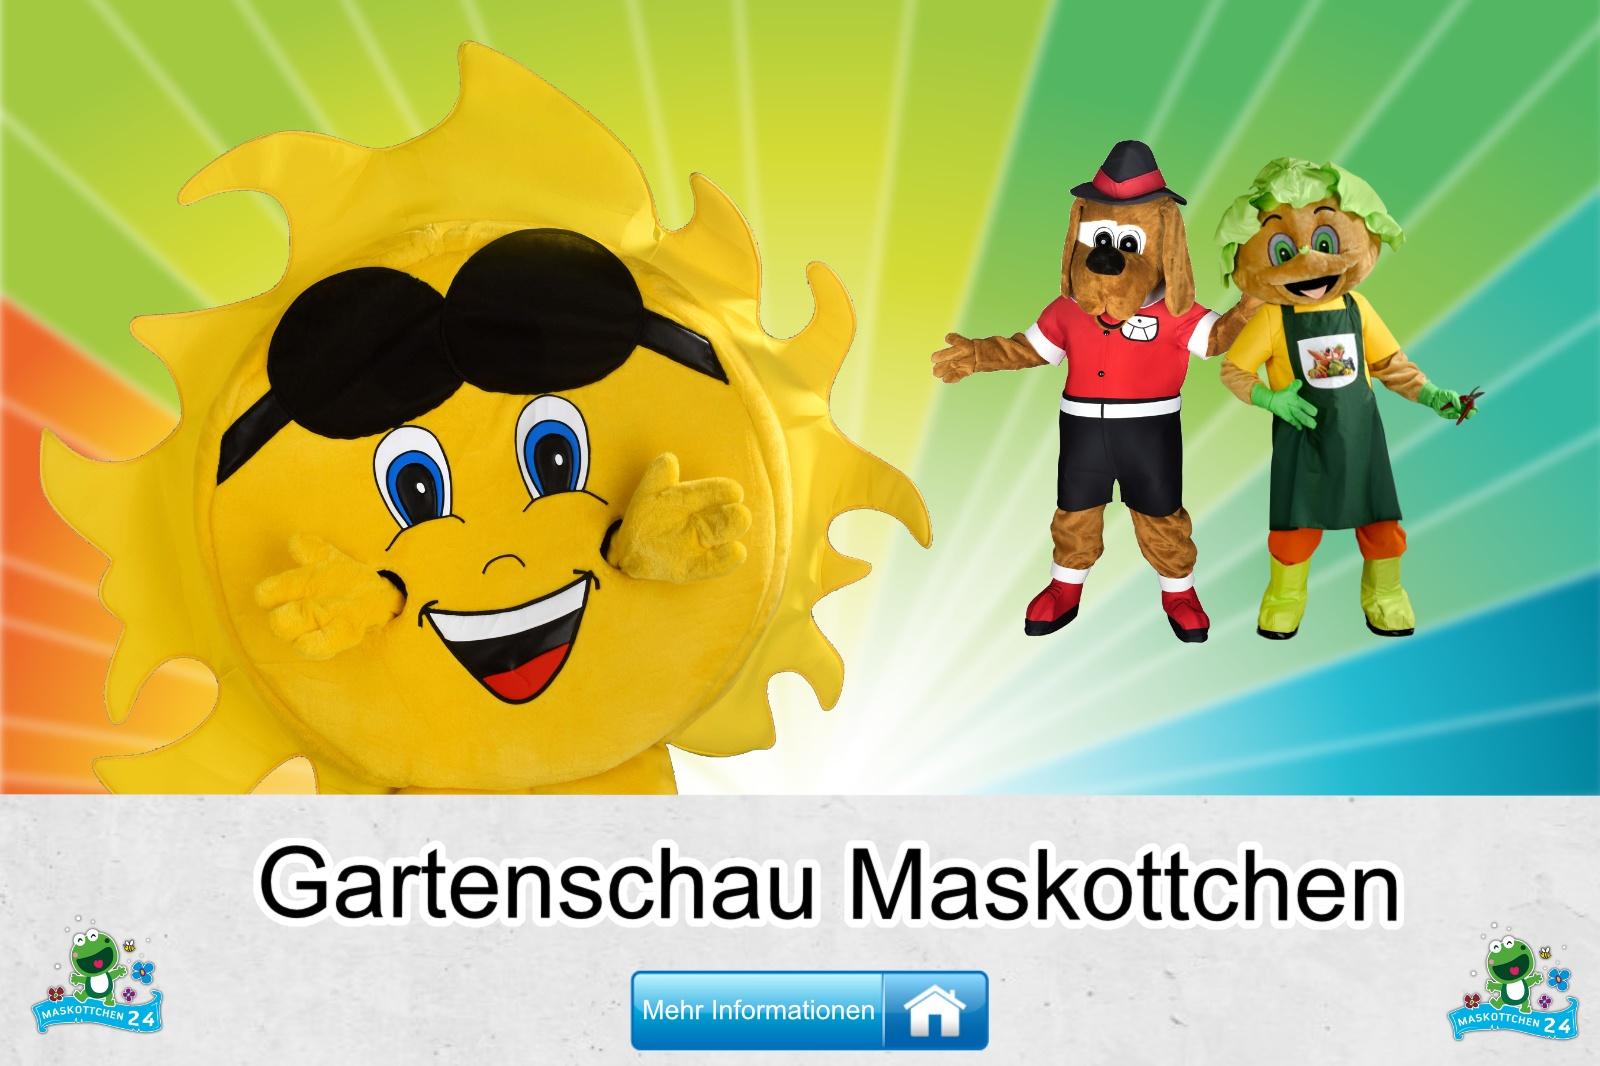 Gartenschau Maskottchen Kostüm kaufen, günstige Produktion / Herstellung